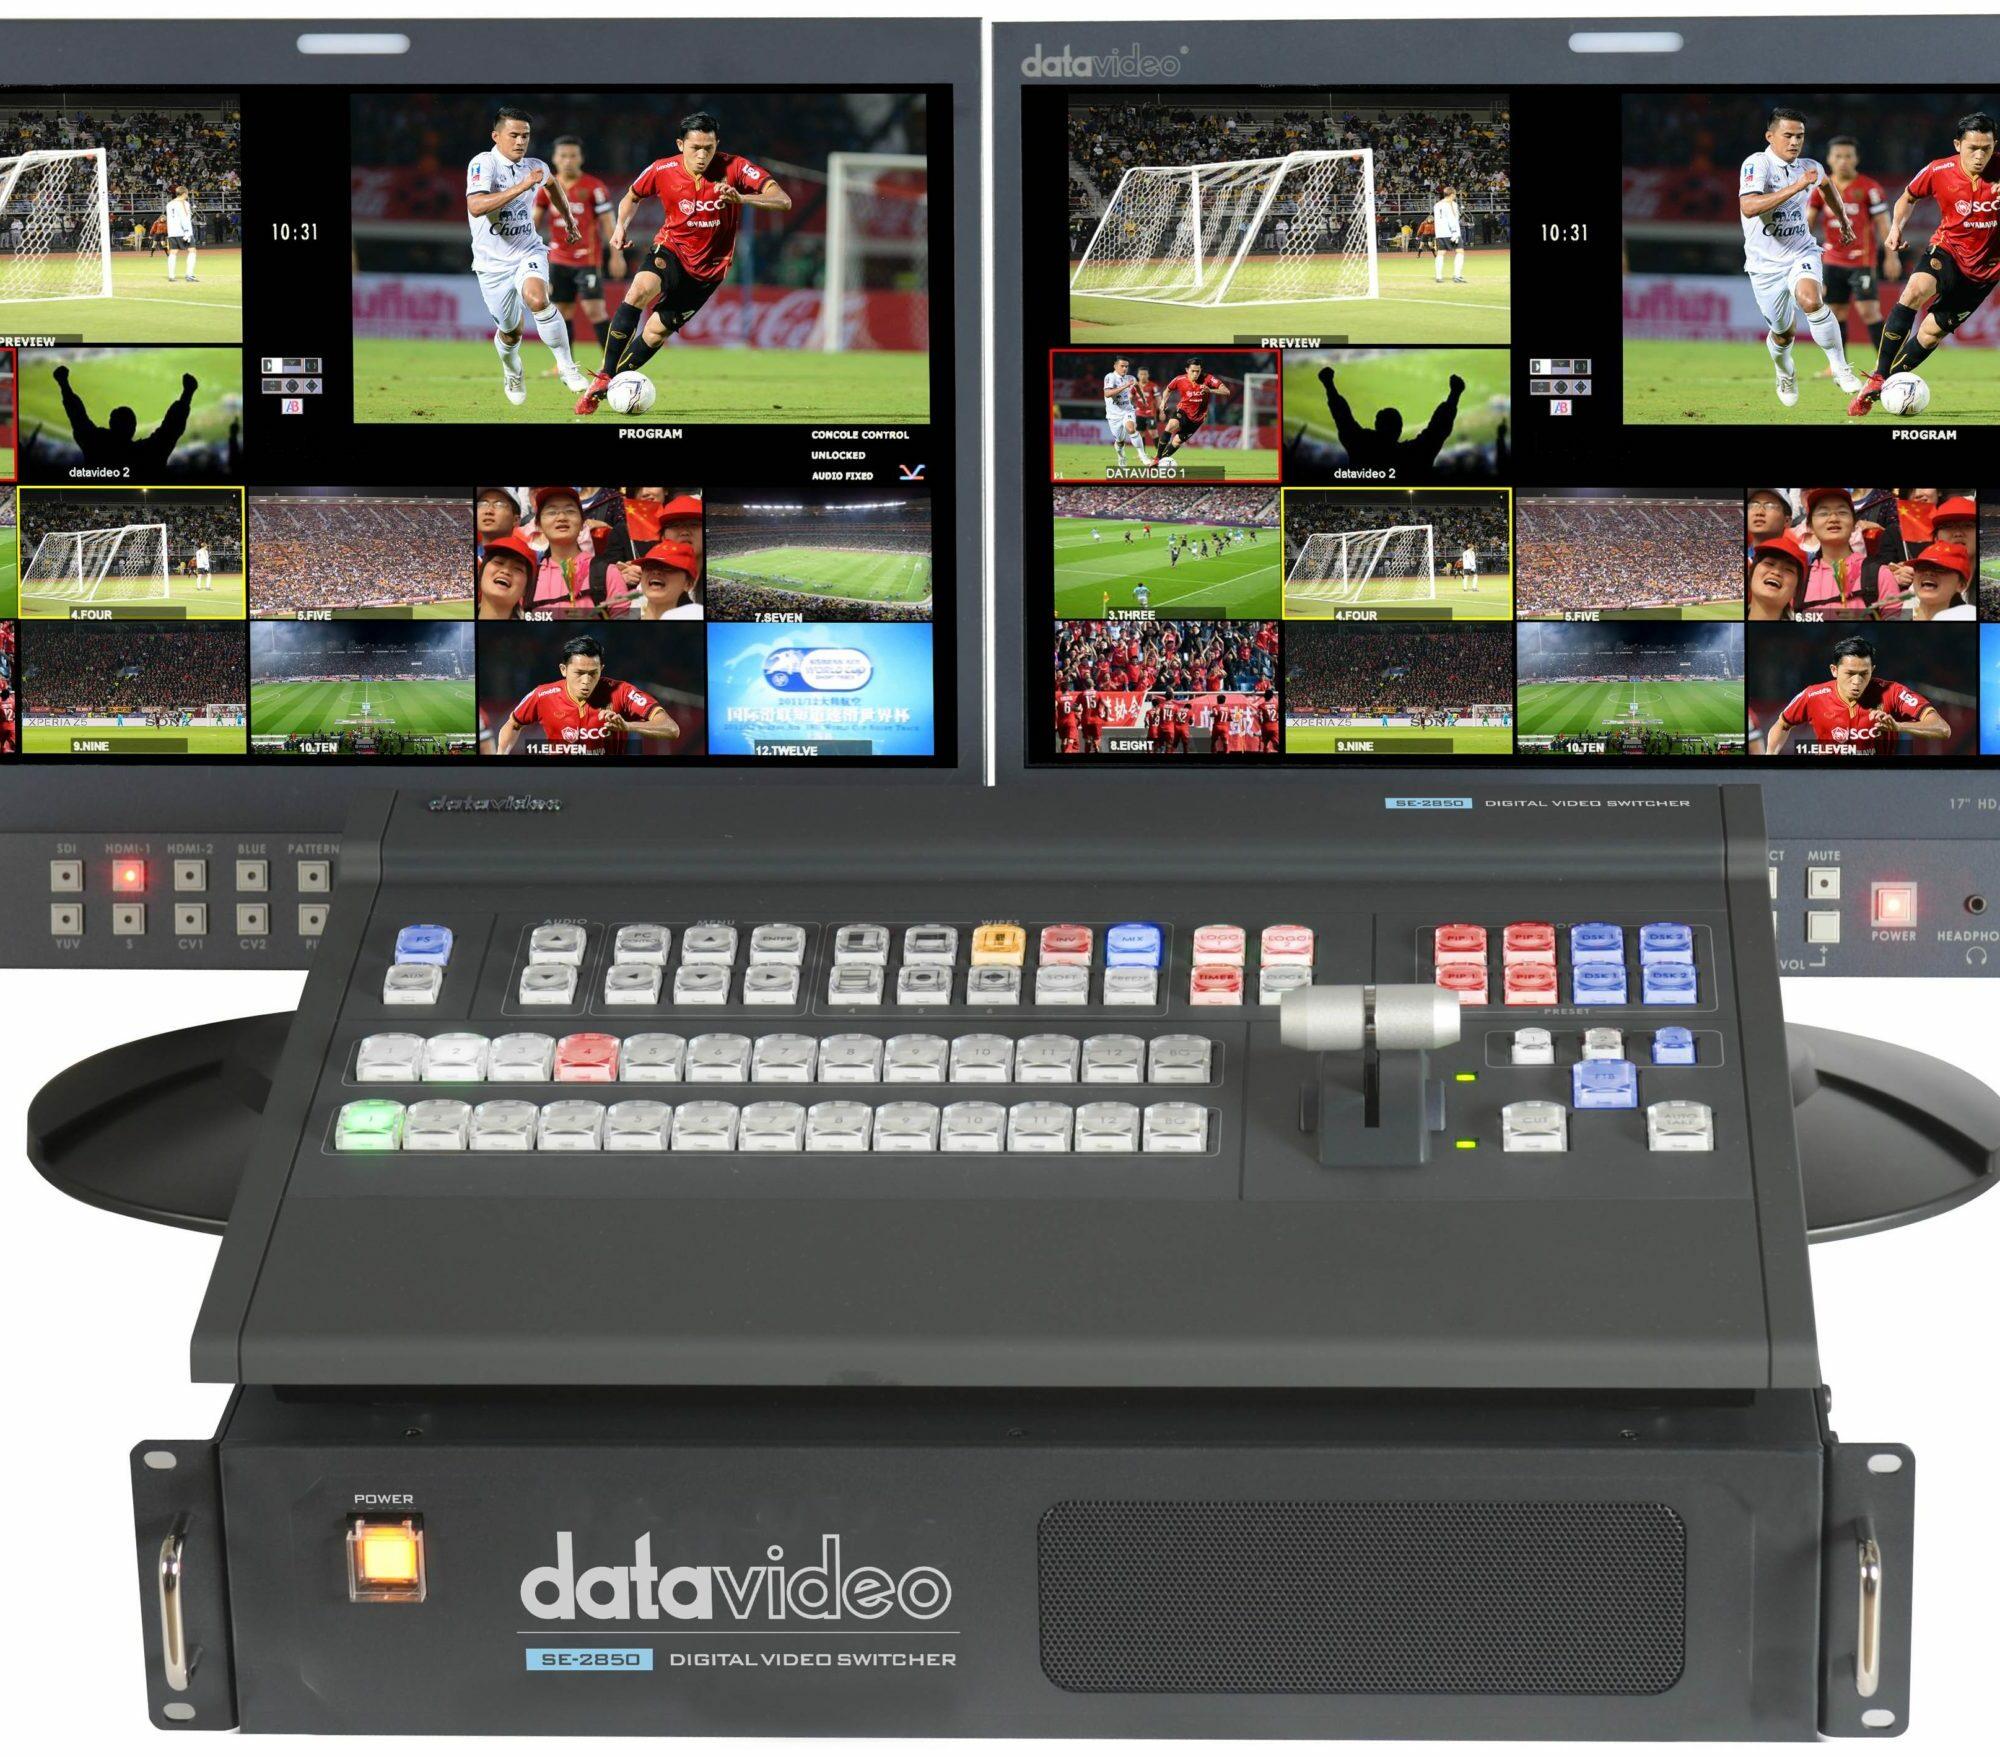 SE-2850-12 Datavideo Sélecteur vidéo numérique HD / SD 12 canaux